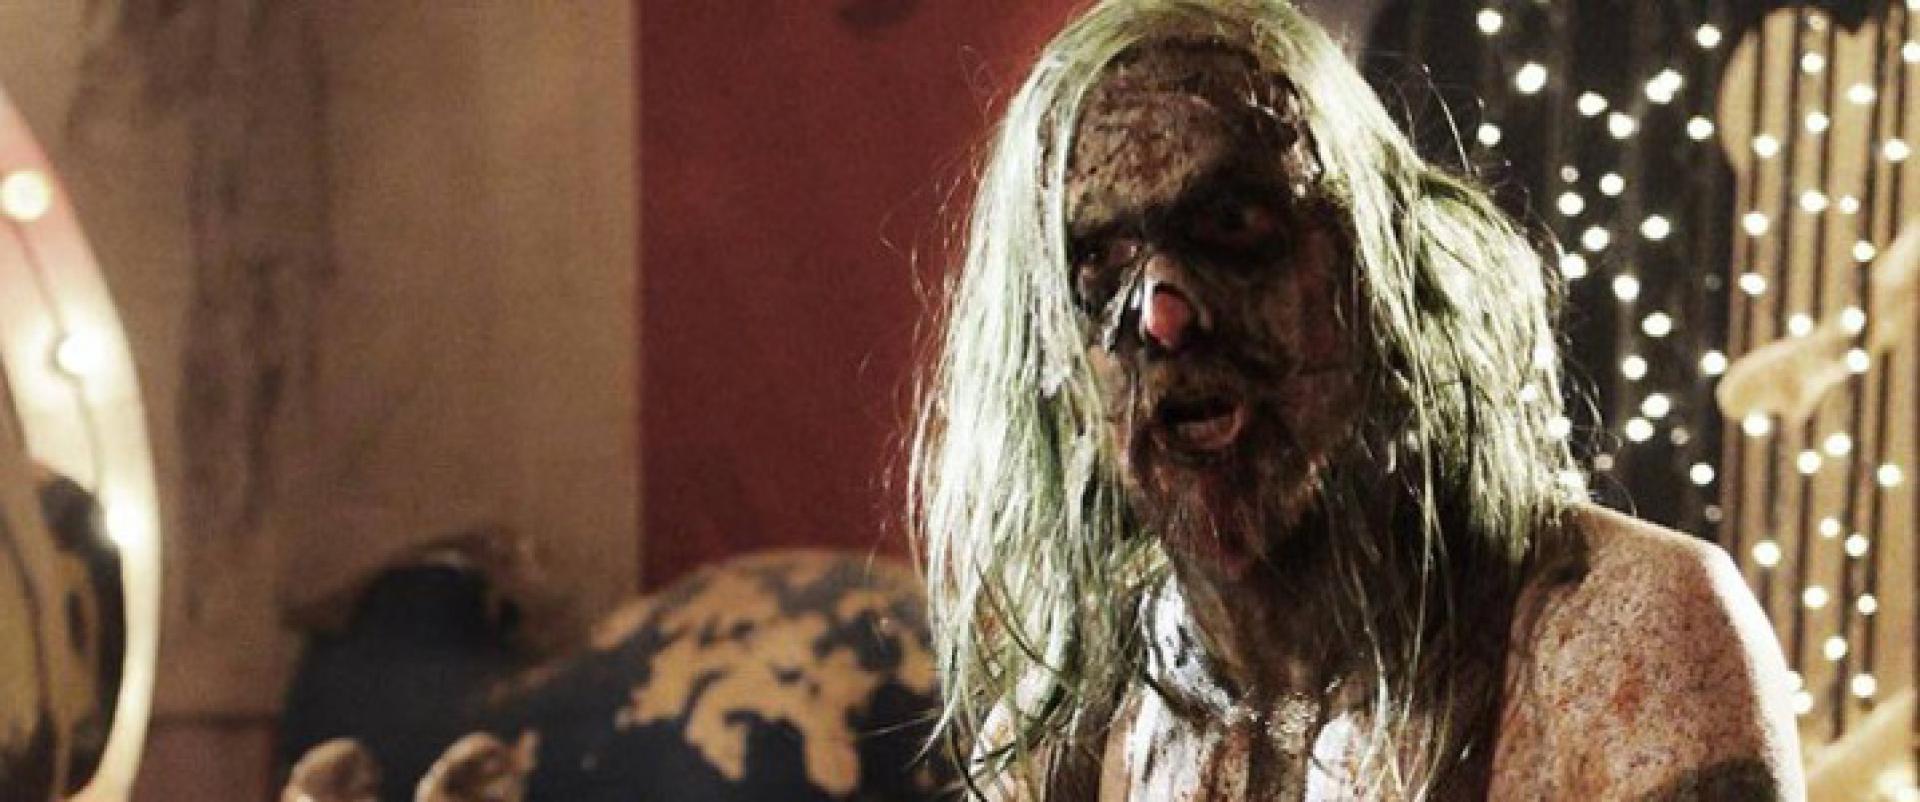 Újabb kép Rob Zombie 31 című filmjéből